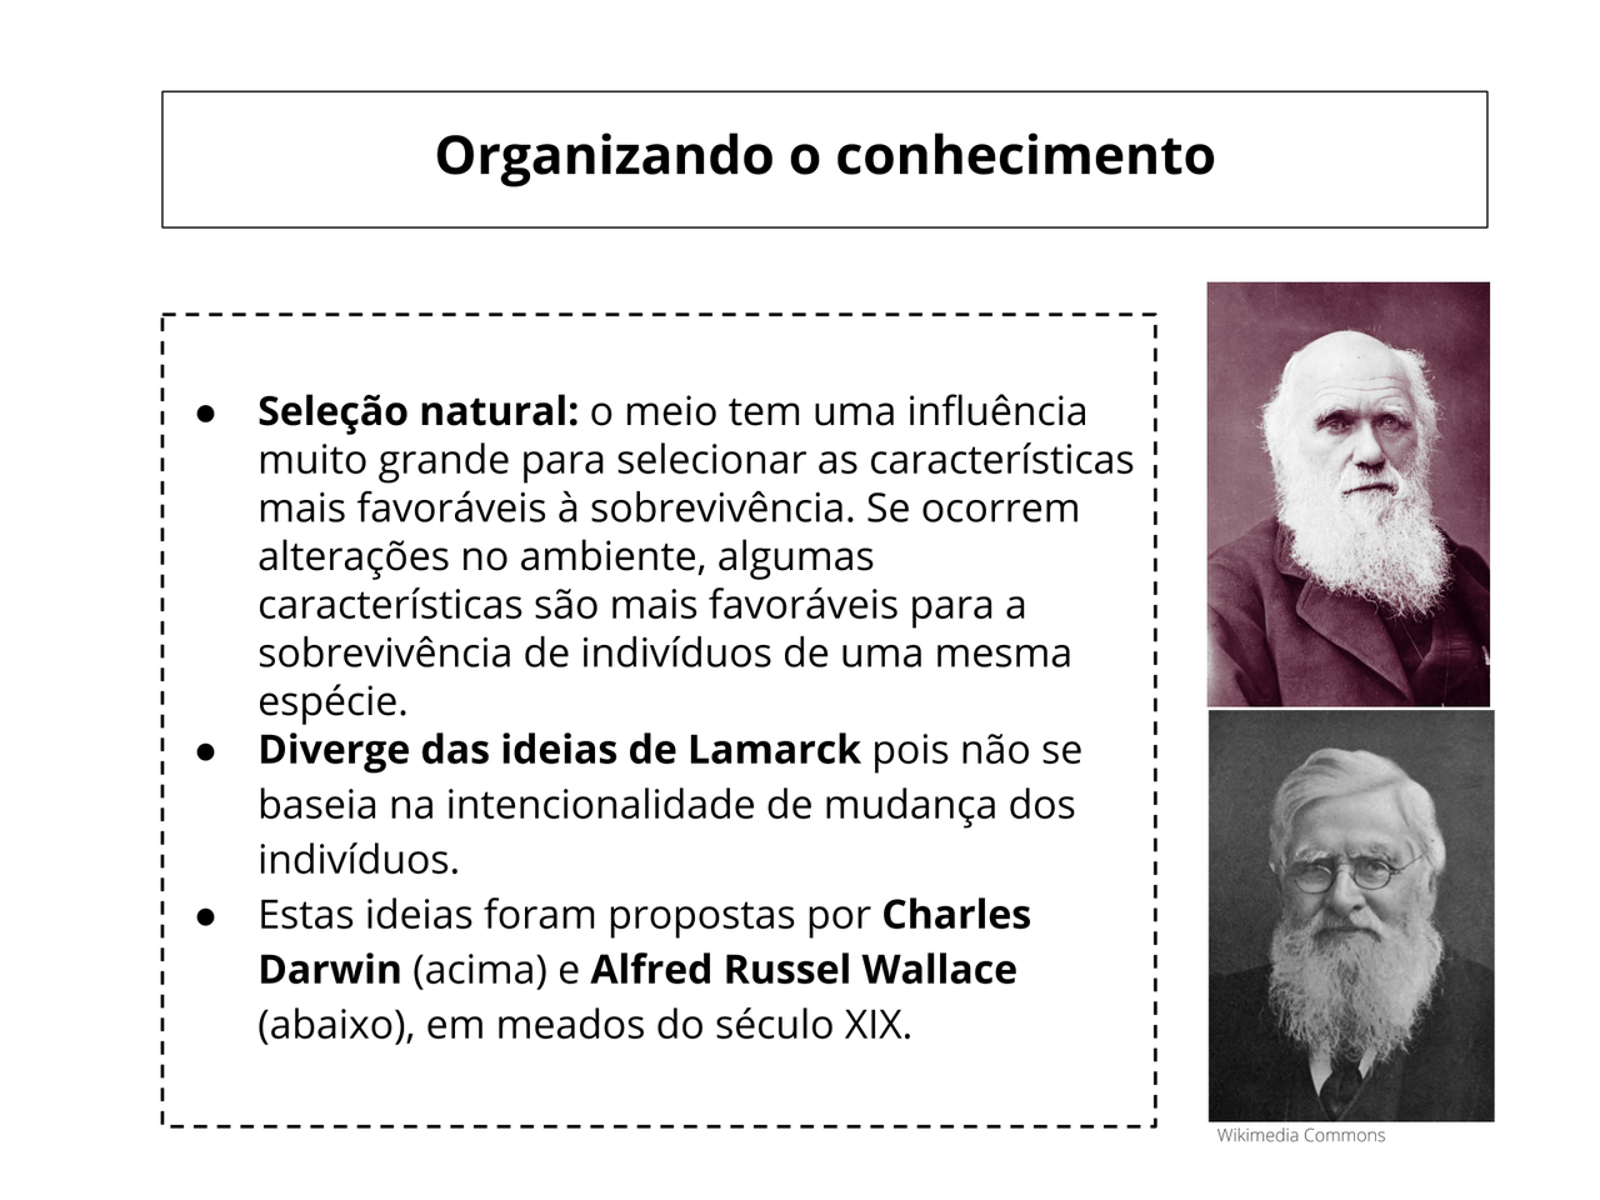 Ideias evolutivas: Darwin e Wallace